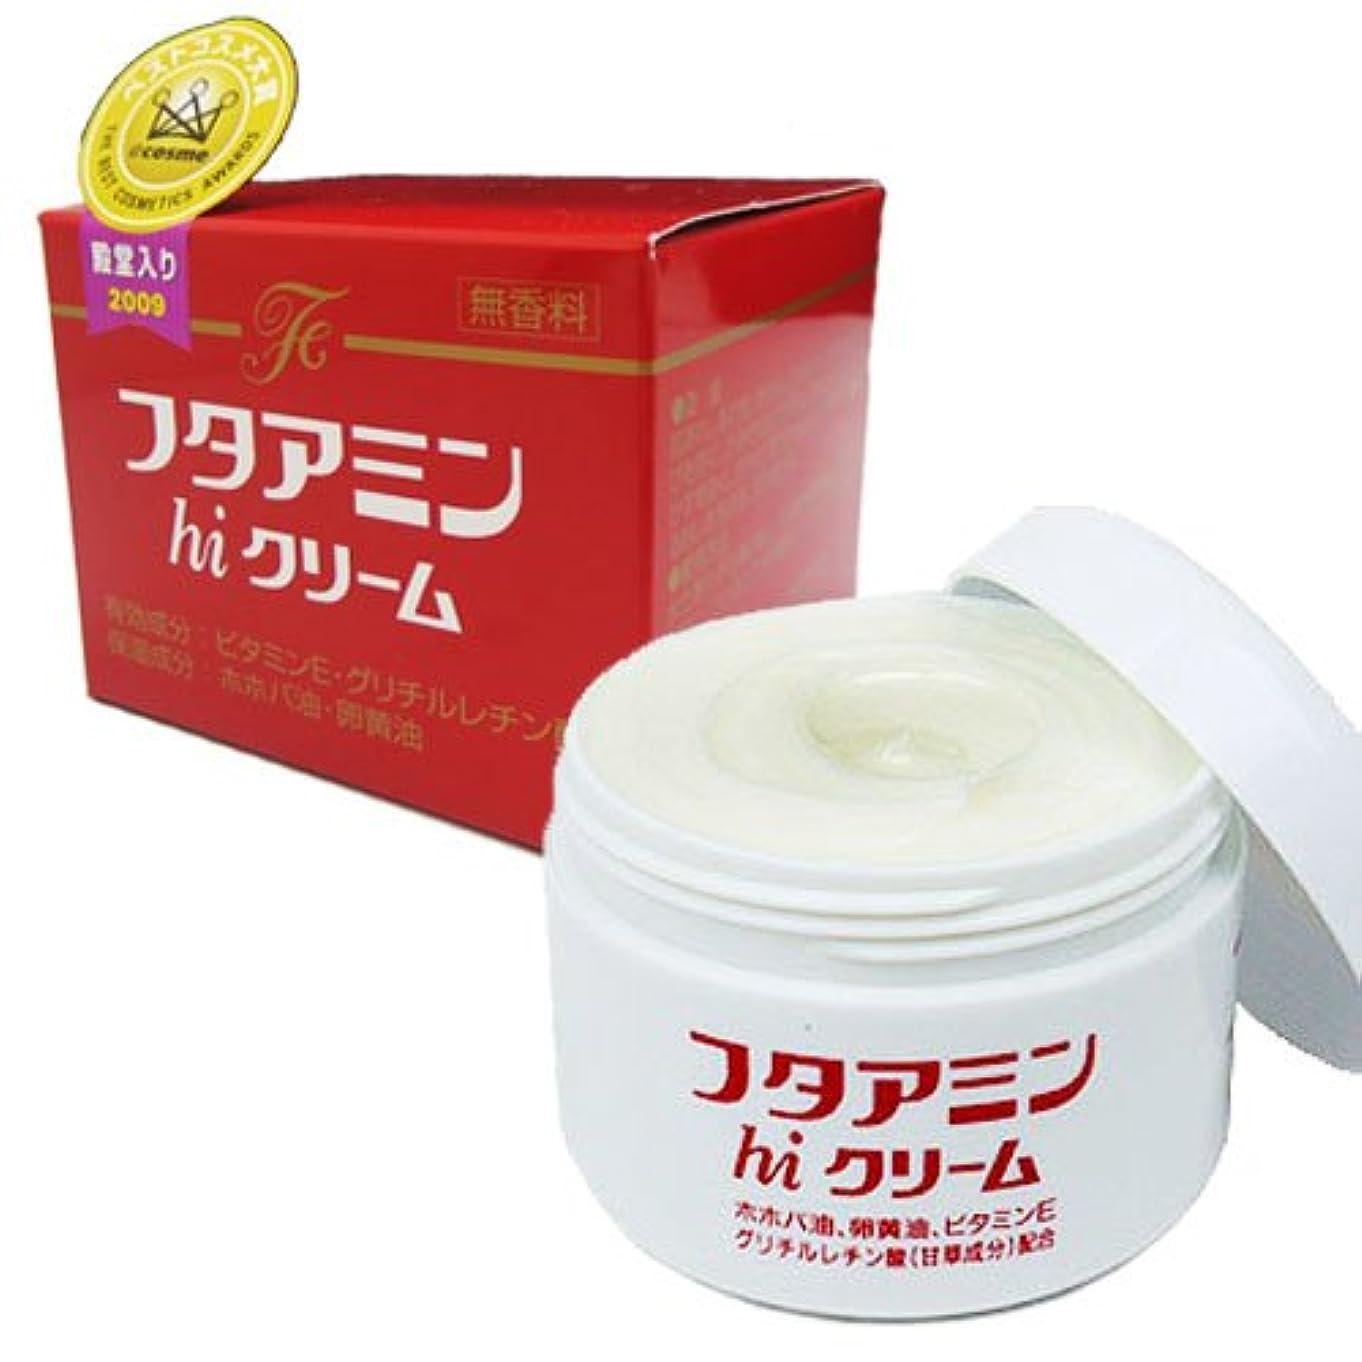 リビングルーム精度パックムサシノ製薬 フタアミンhiクリーム 130g